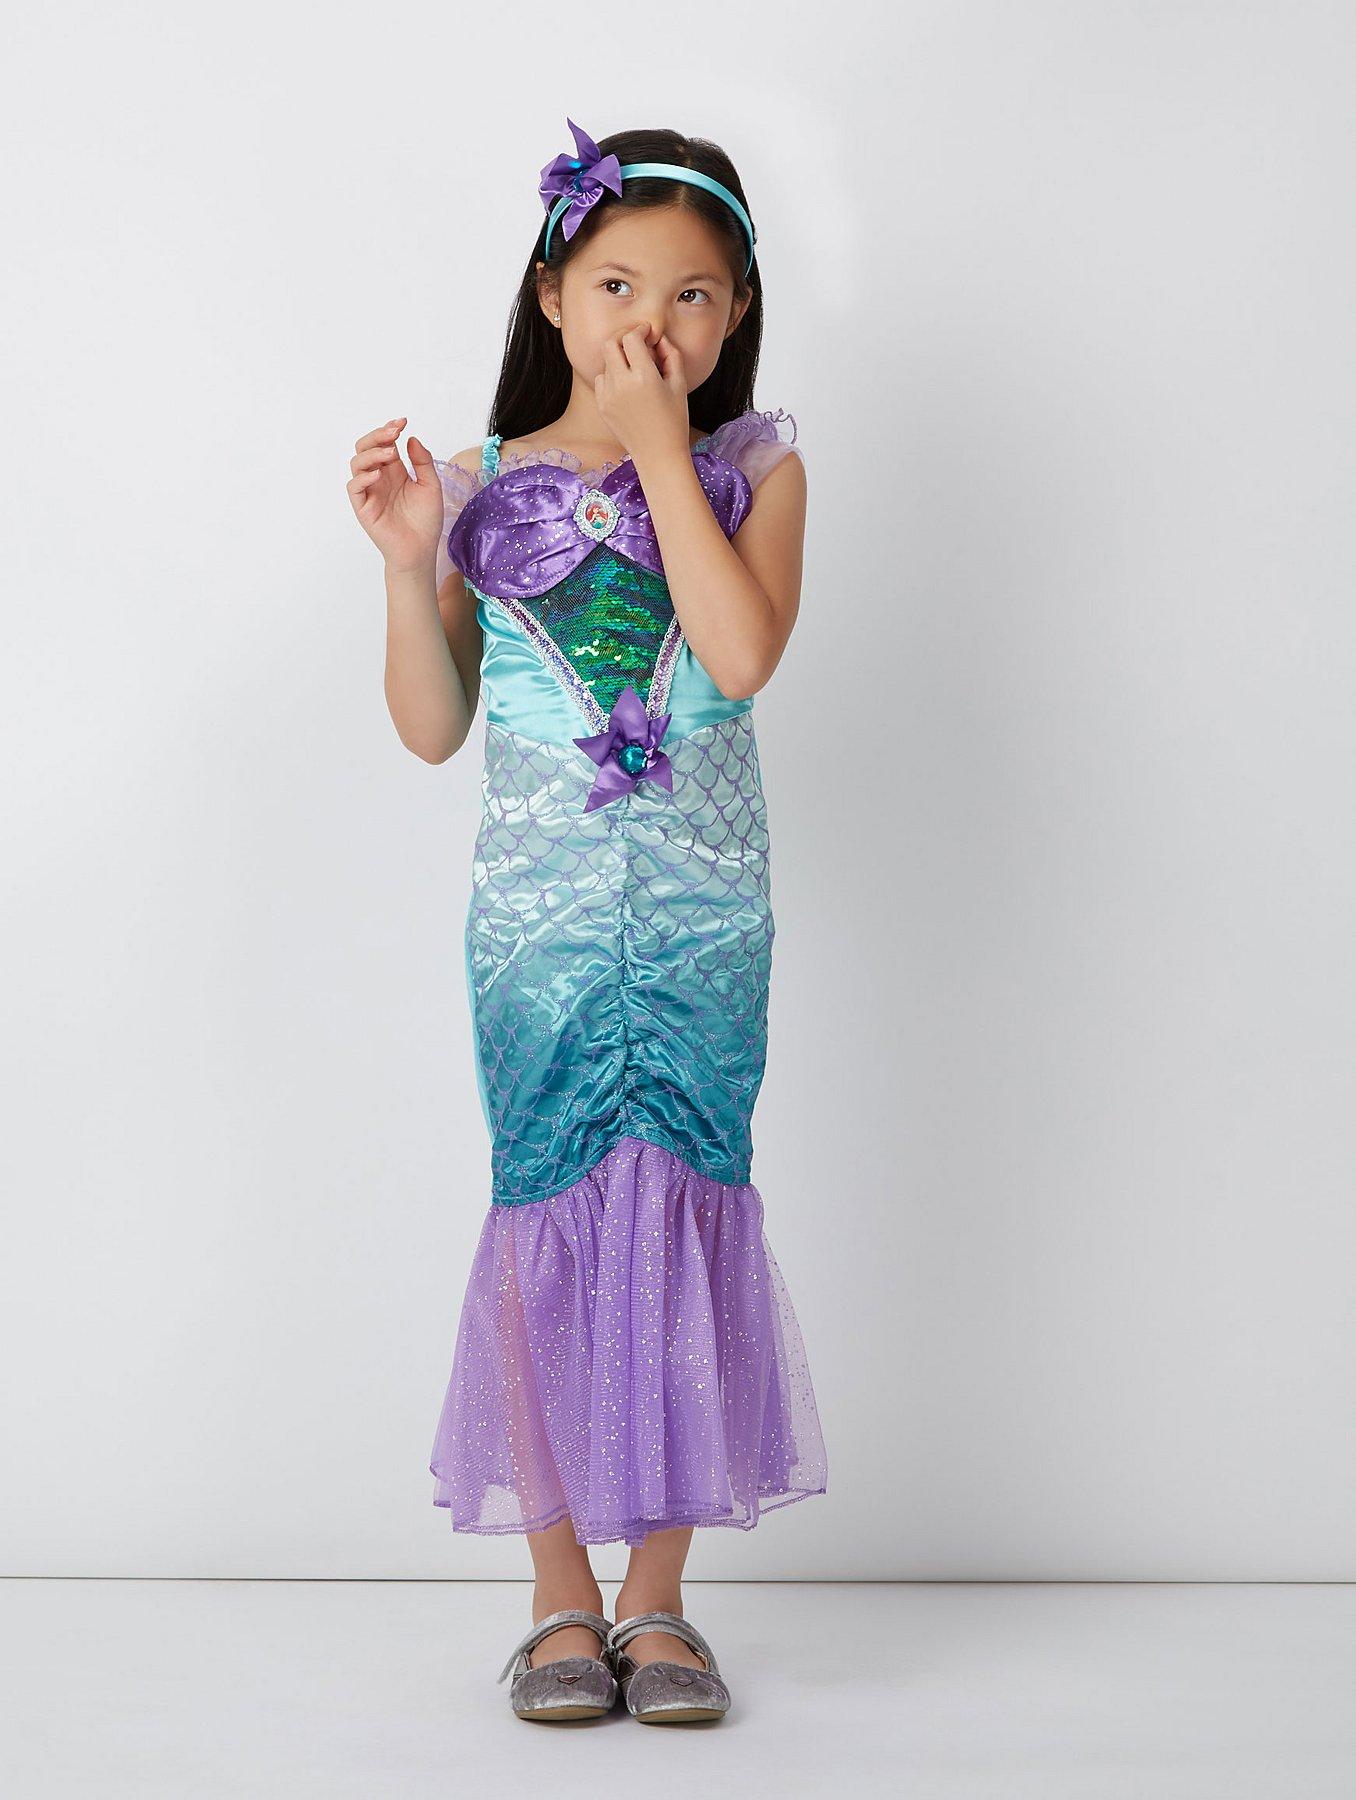 Disney Princess Ariel Little Mermaid Fancy Dress Costume | Kids ...